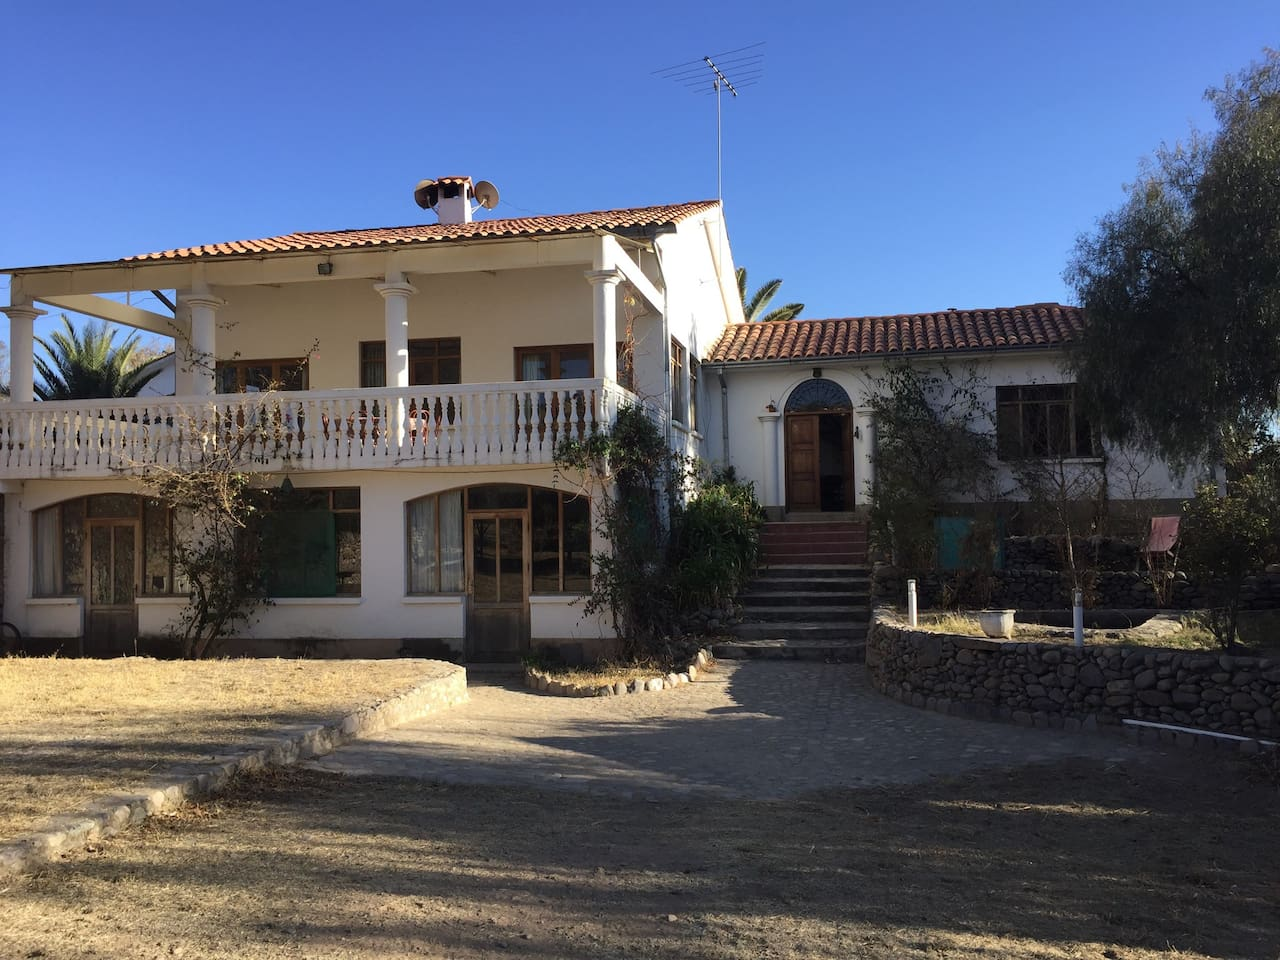 La casa hotel Poneloya 5 minutos del centro Tarija, Bolivia